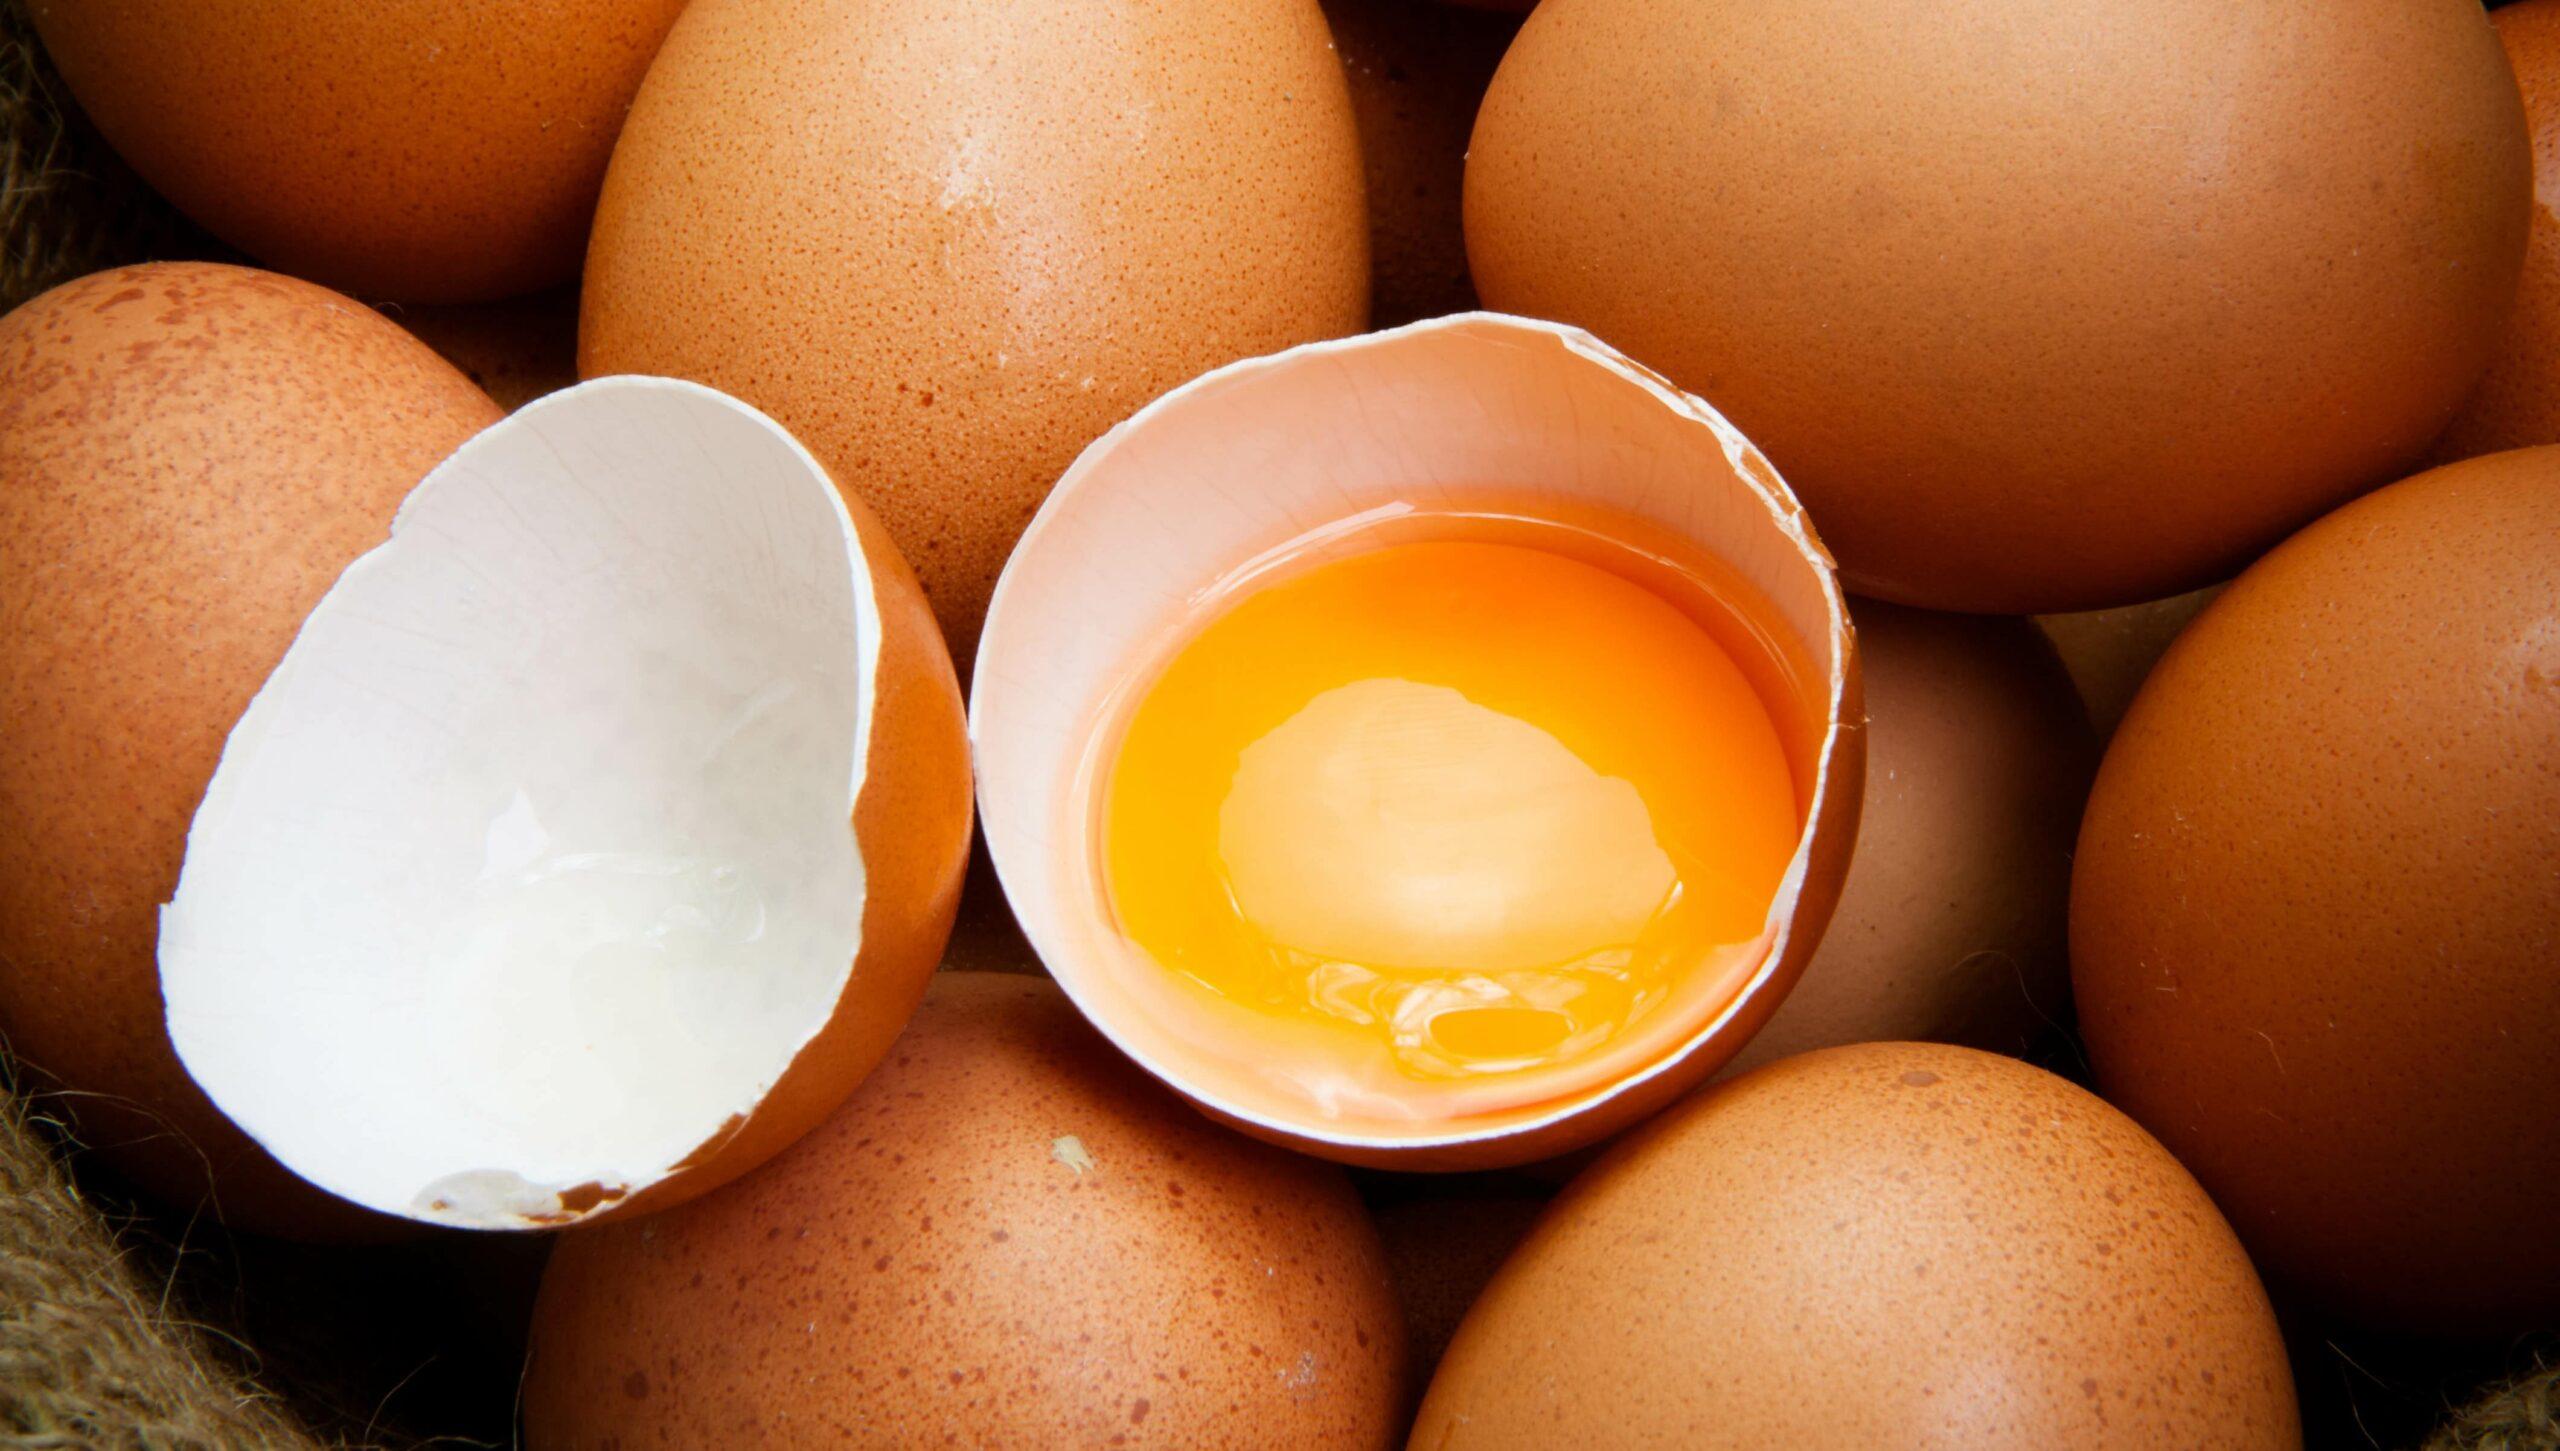 le uova fanno bene o fanno male nella dieta